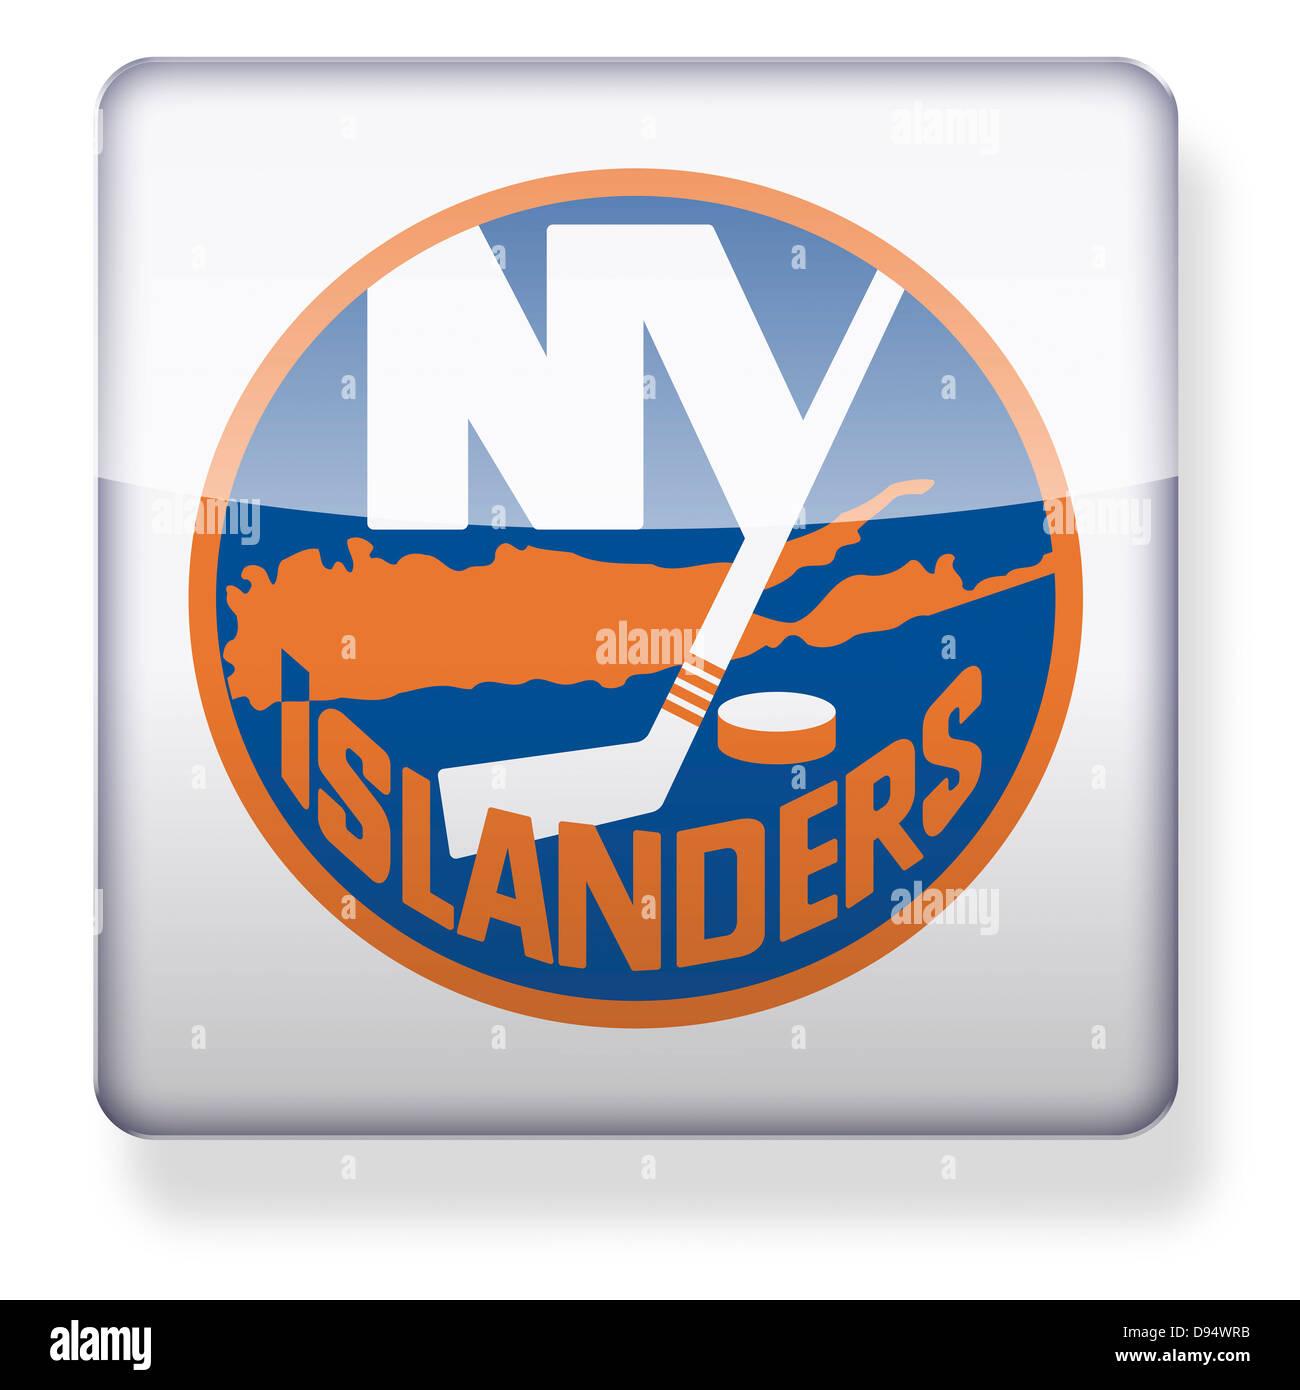 New York Islanders Wallpaper: Islanders Hockey Logo Gallery